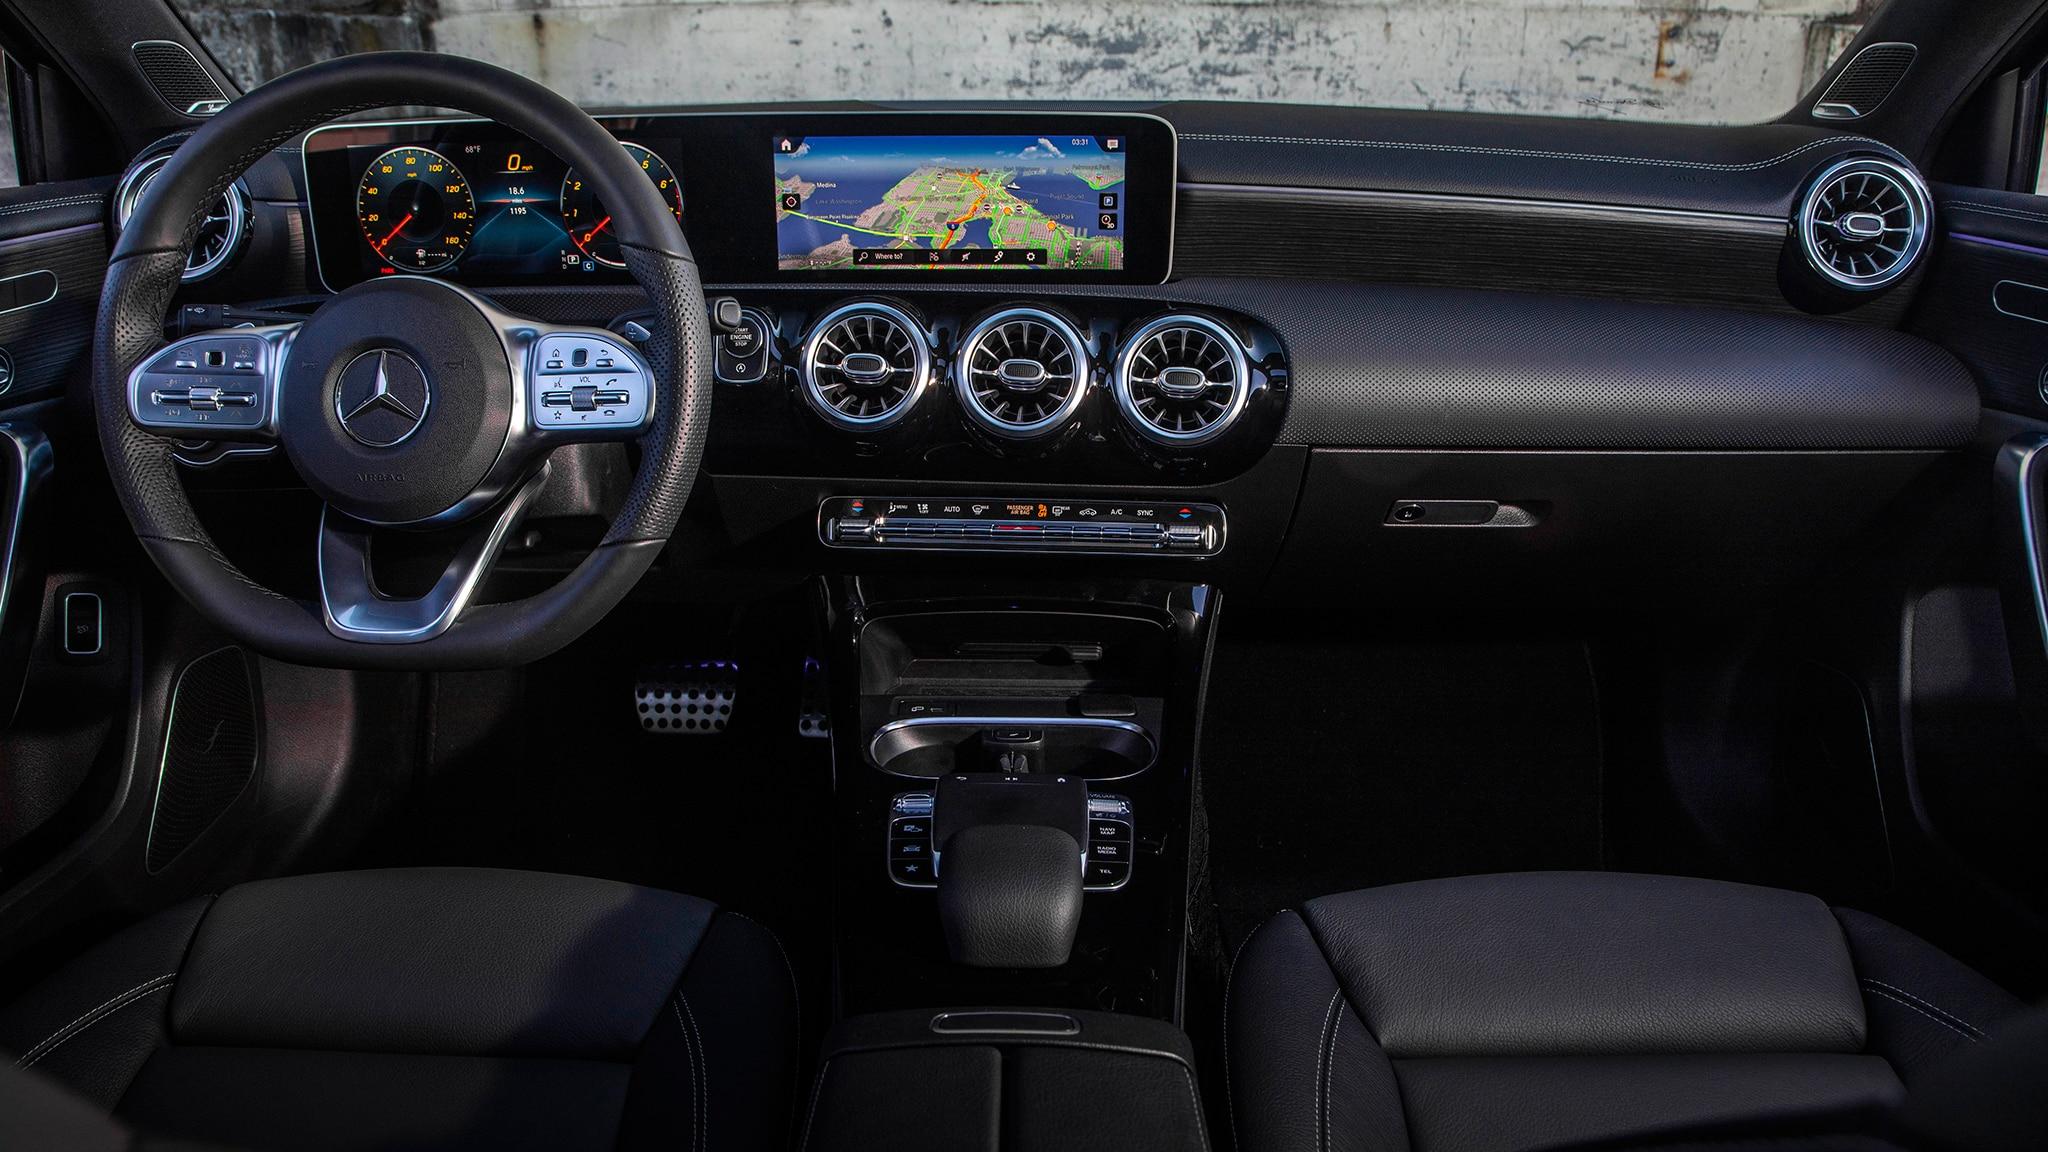 2019 Mercedes-Benz A-class: How I'd Spec It   Automobile